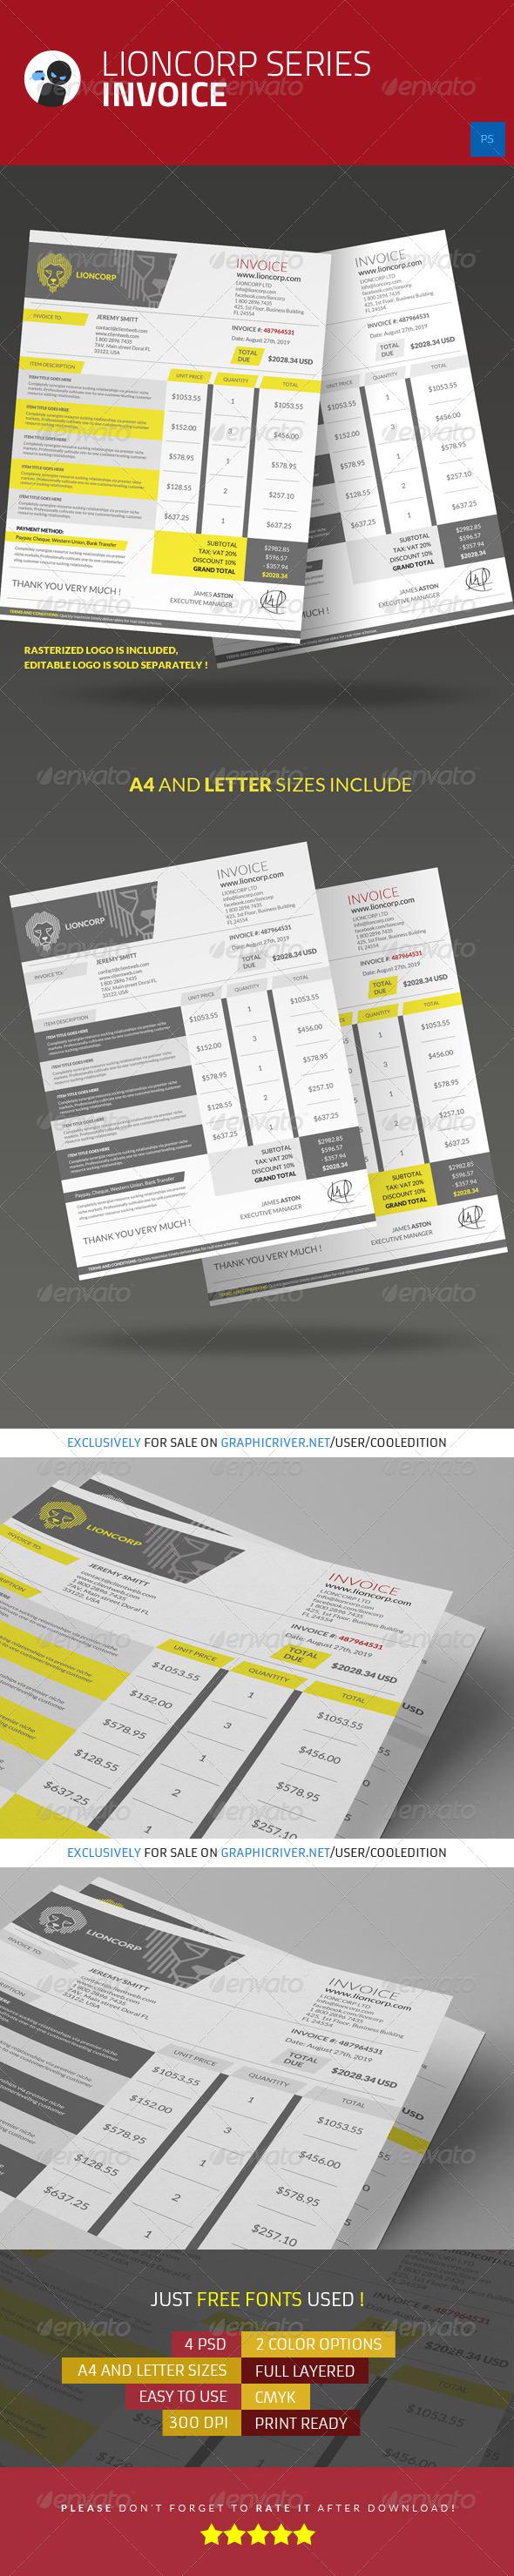 Lioncorp Series Invoice